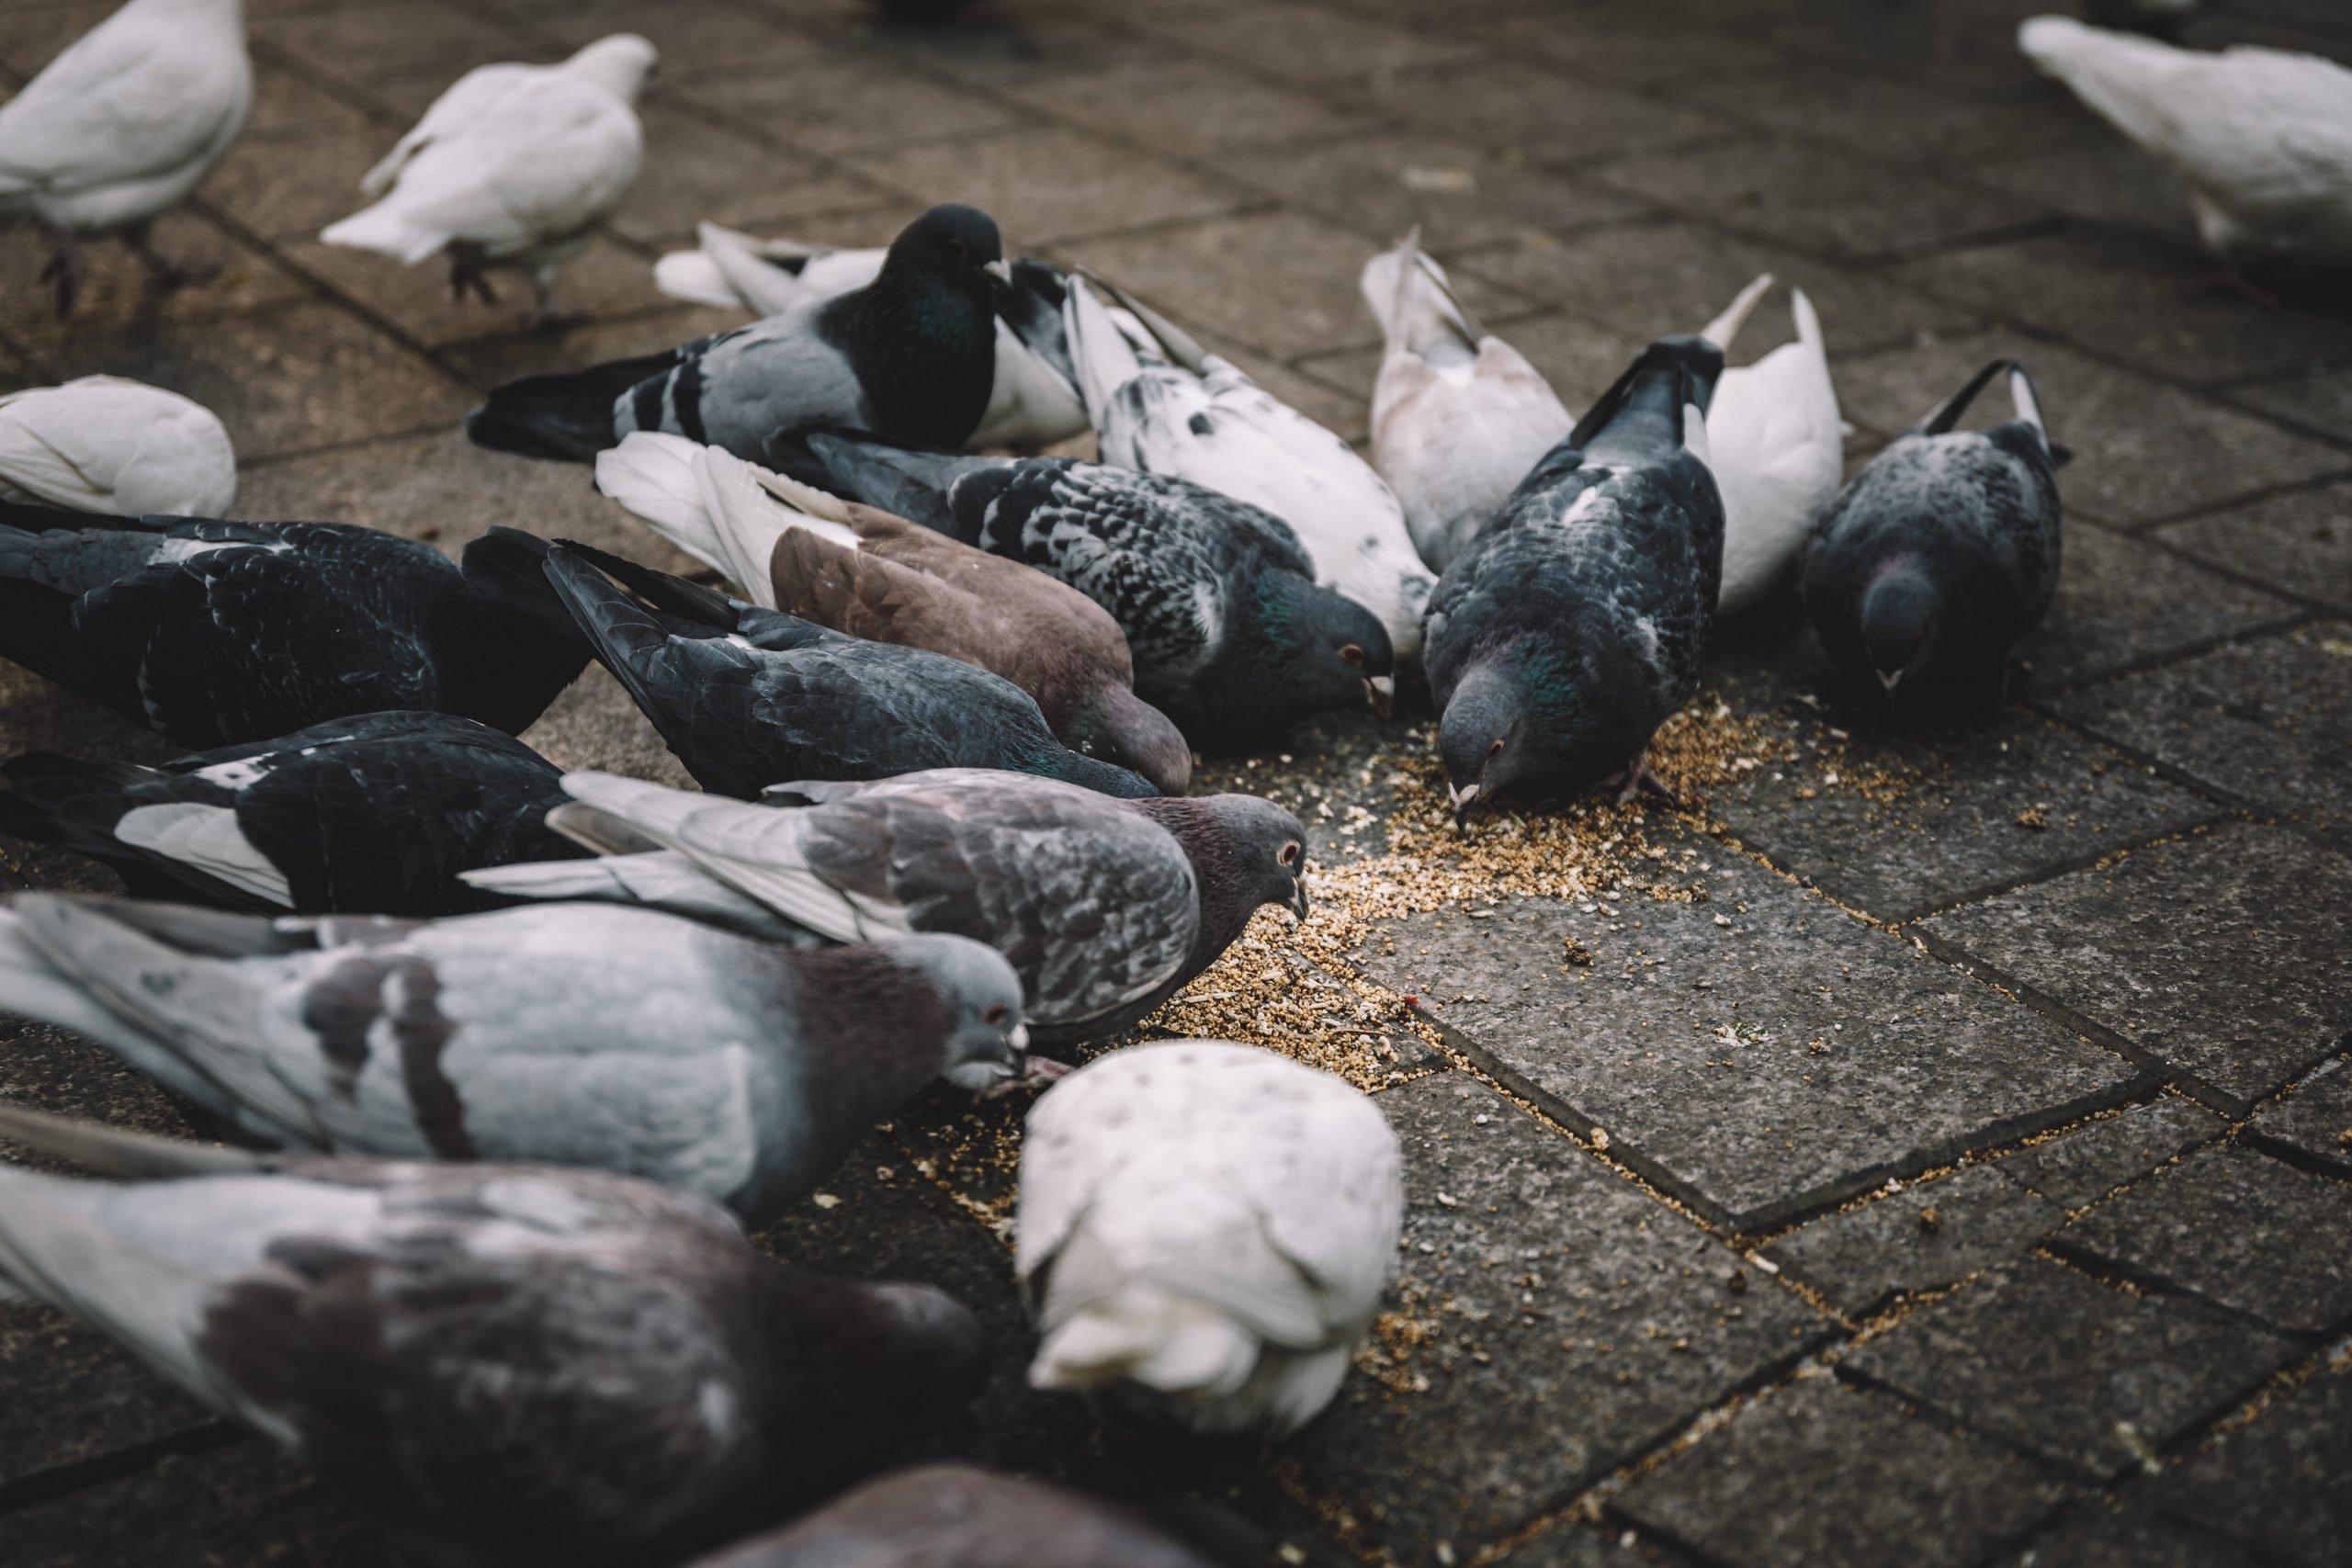 Gołębie posilające się ziarnem